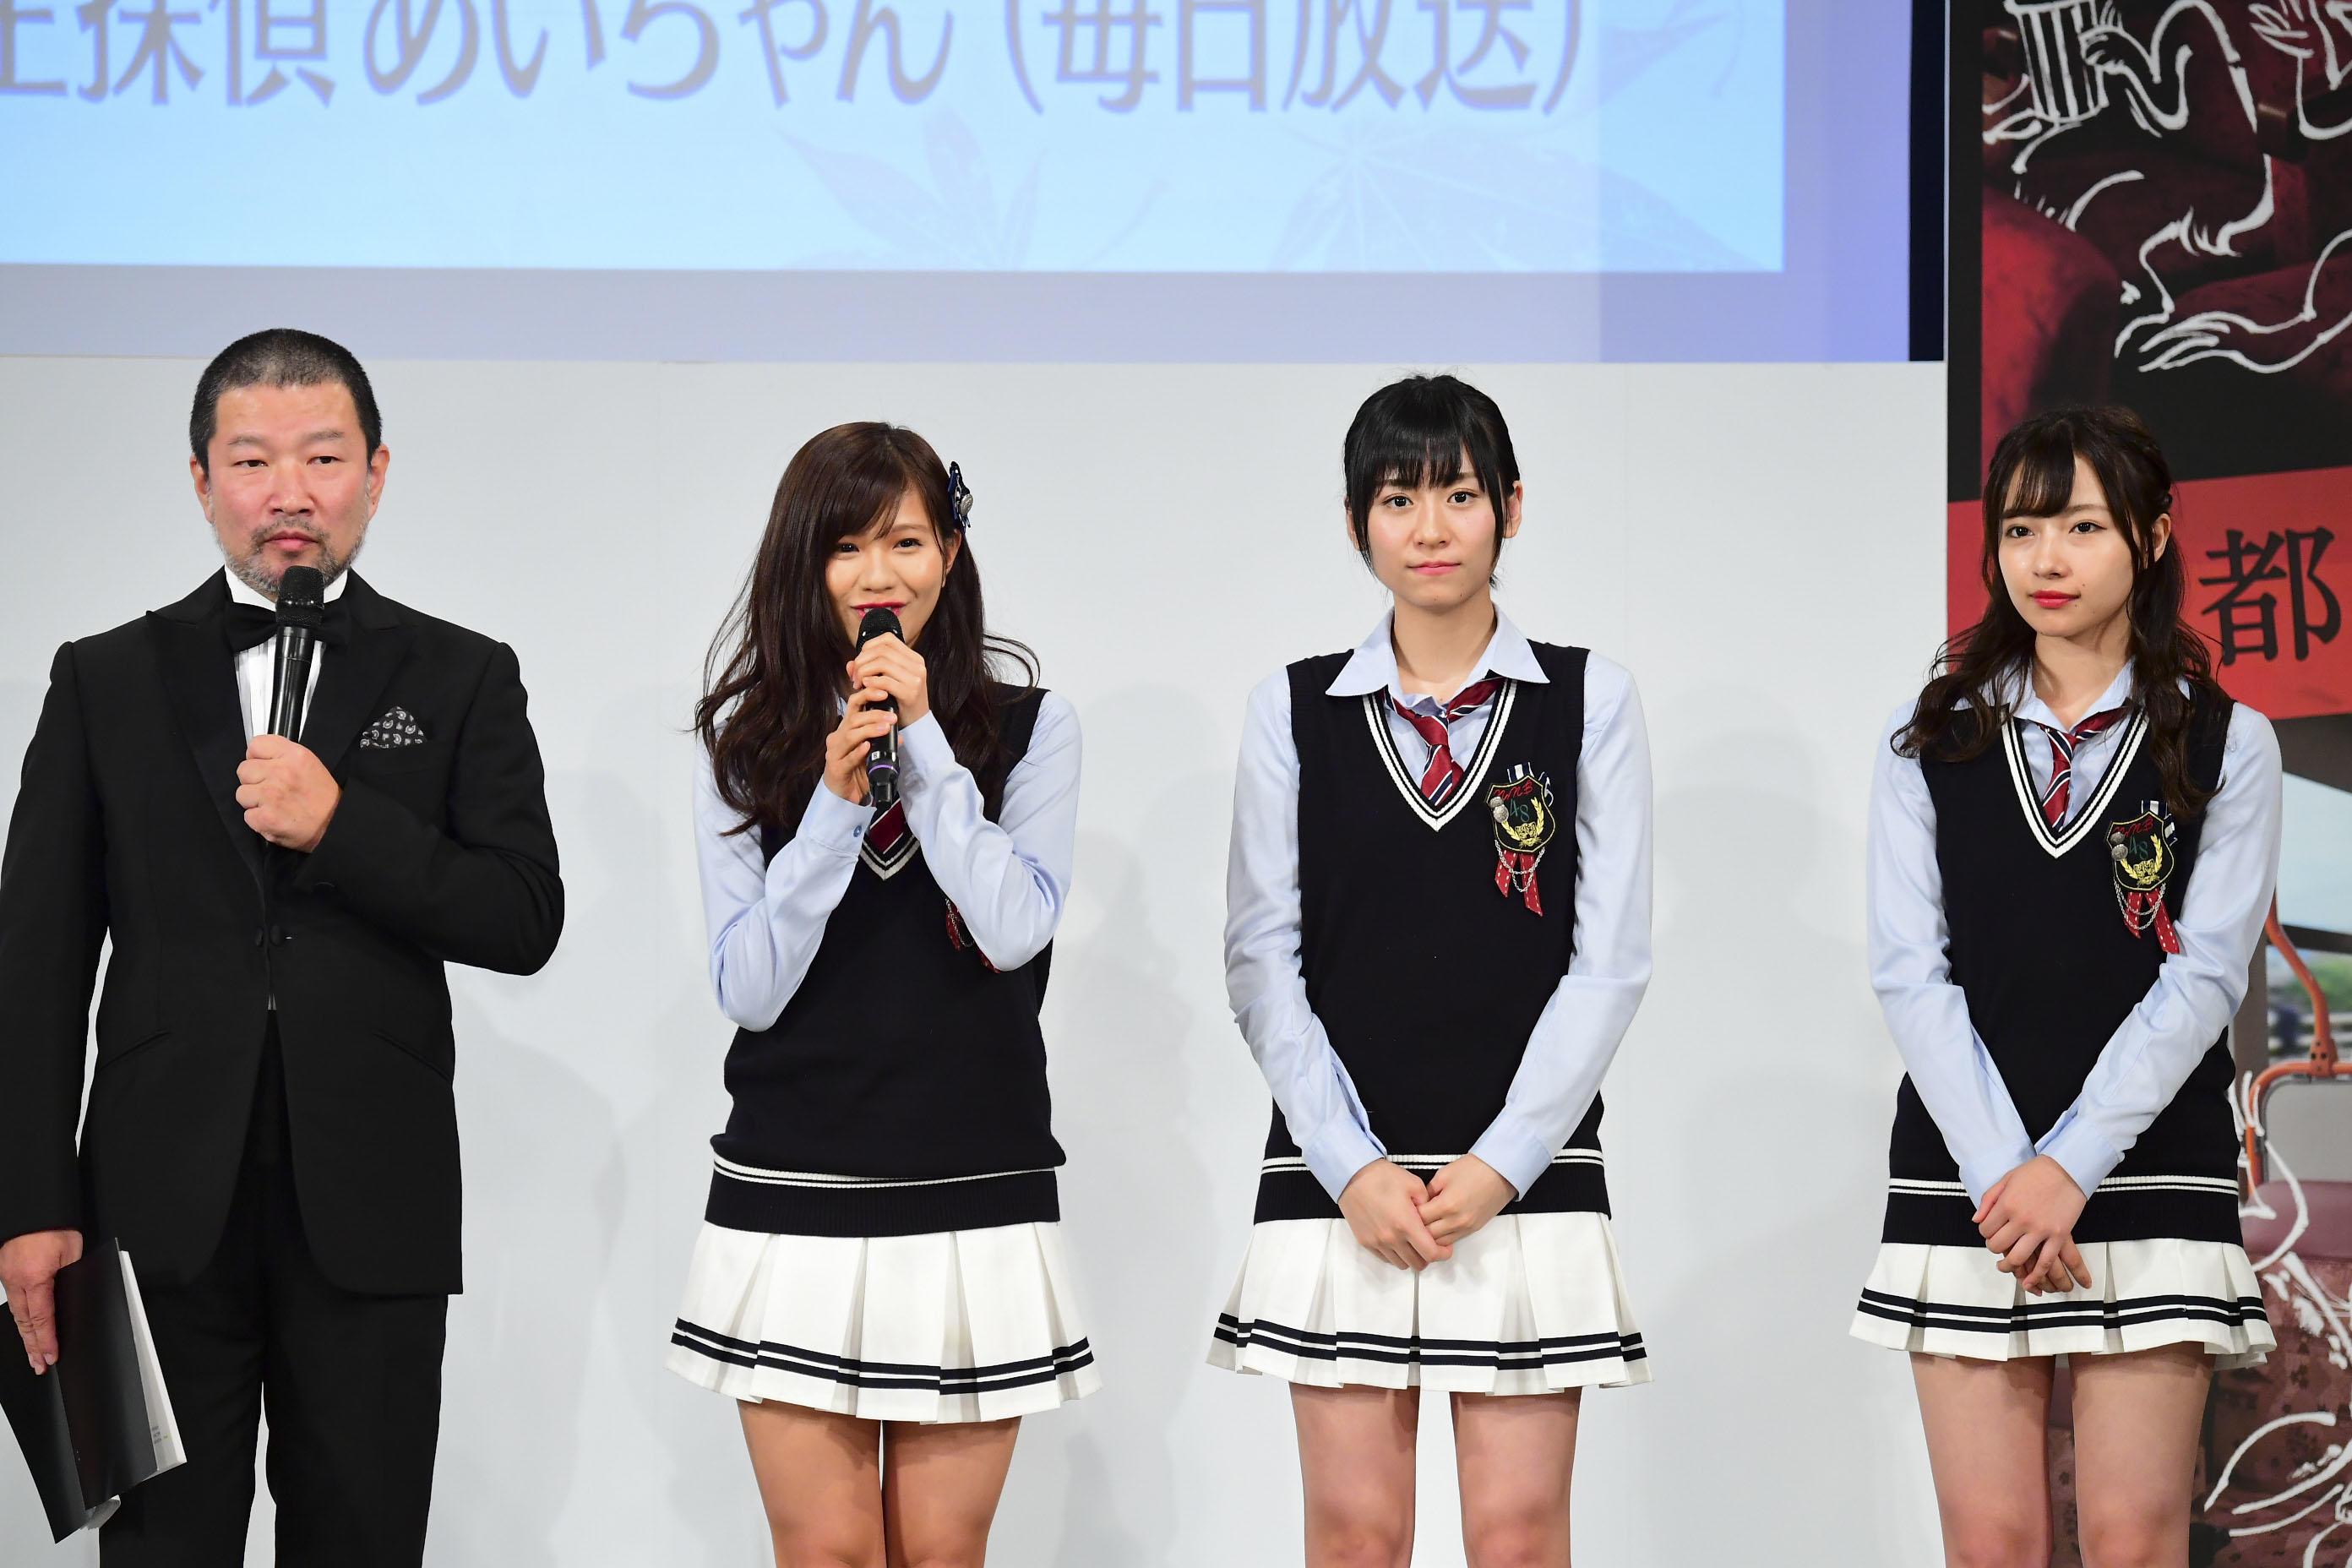 http://news.yoshimoto.co.jp/20170907021430-de8391d541312233a7ca16d0a4c1b845aa72ca3d.jpg